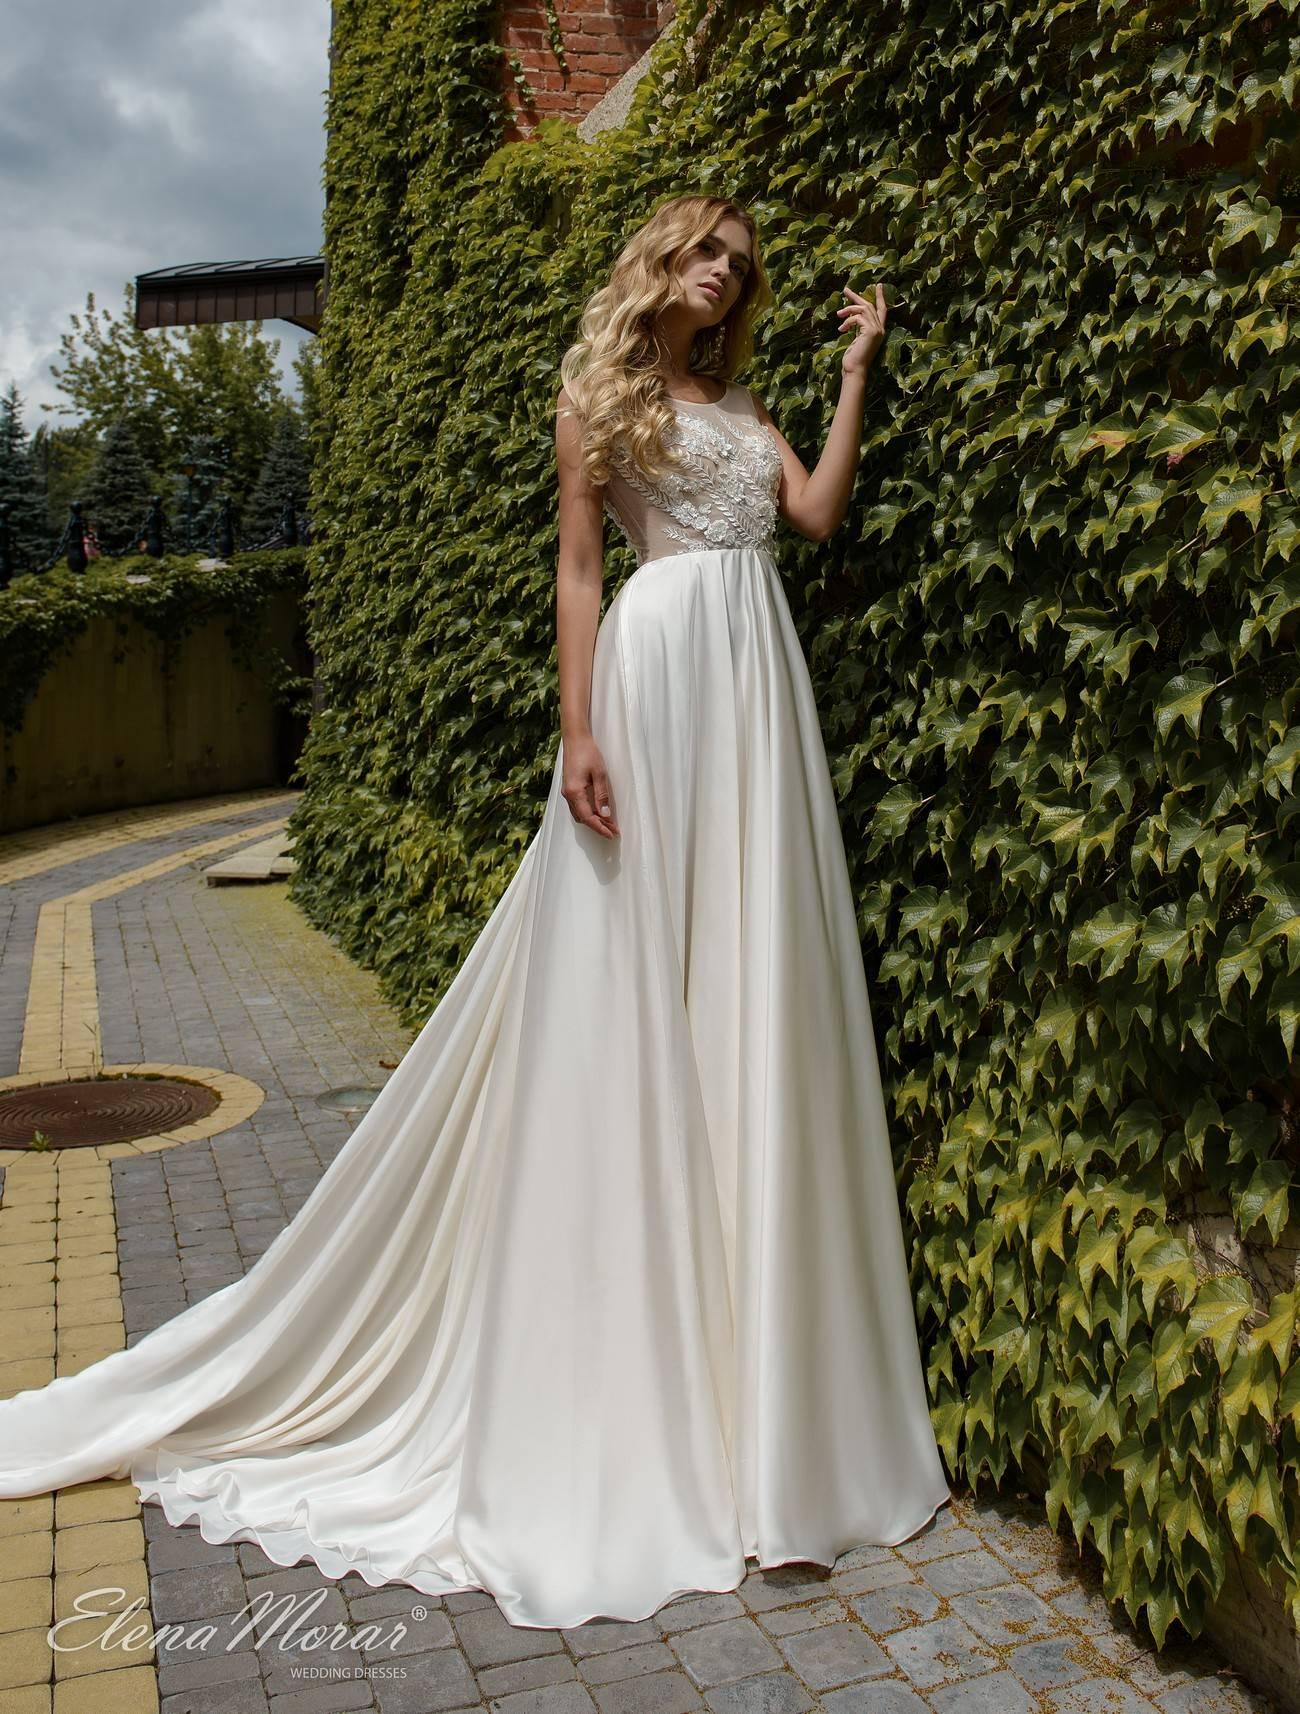 Платье со шлейфом — эталон женственности и красоты